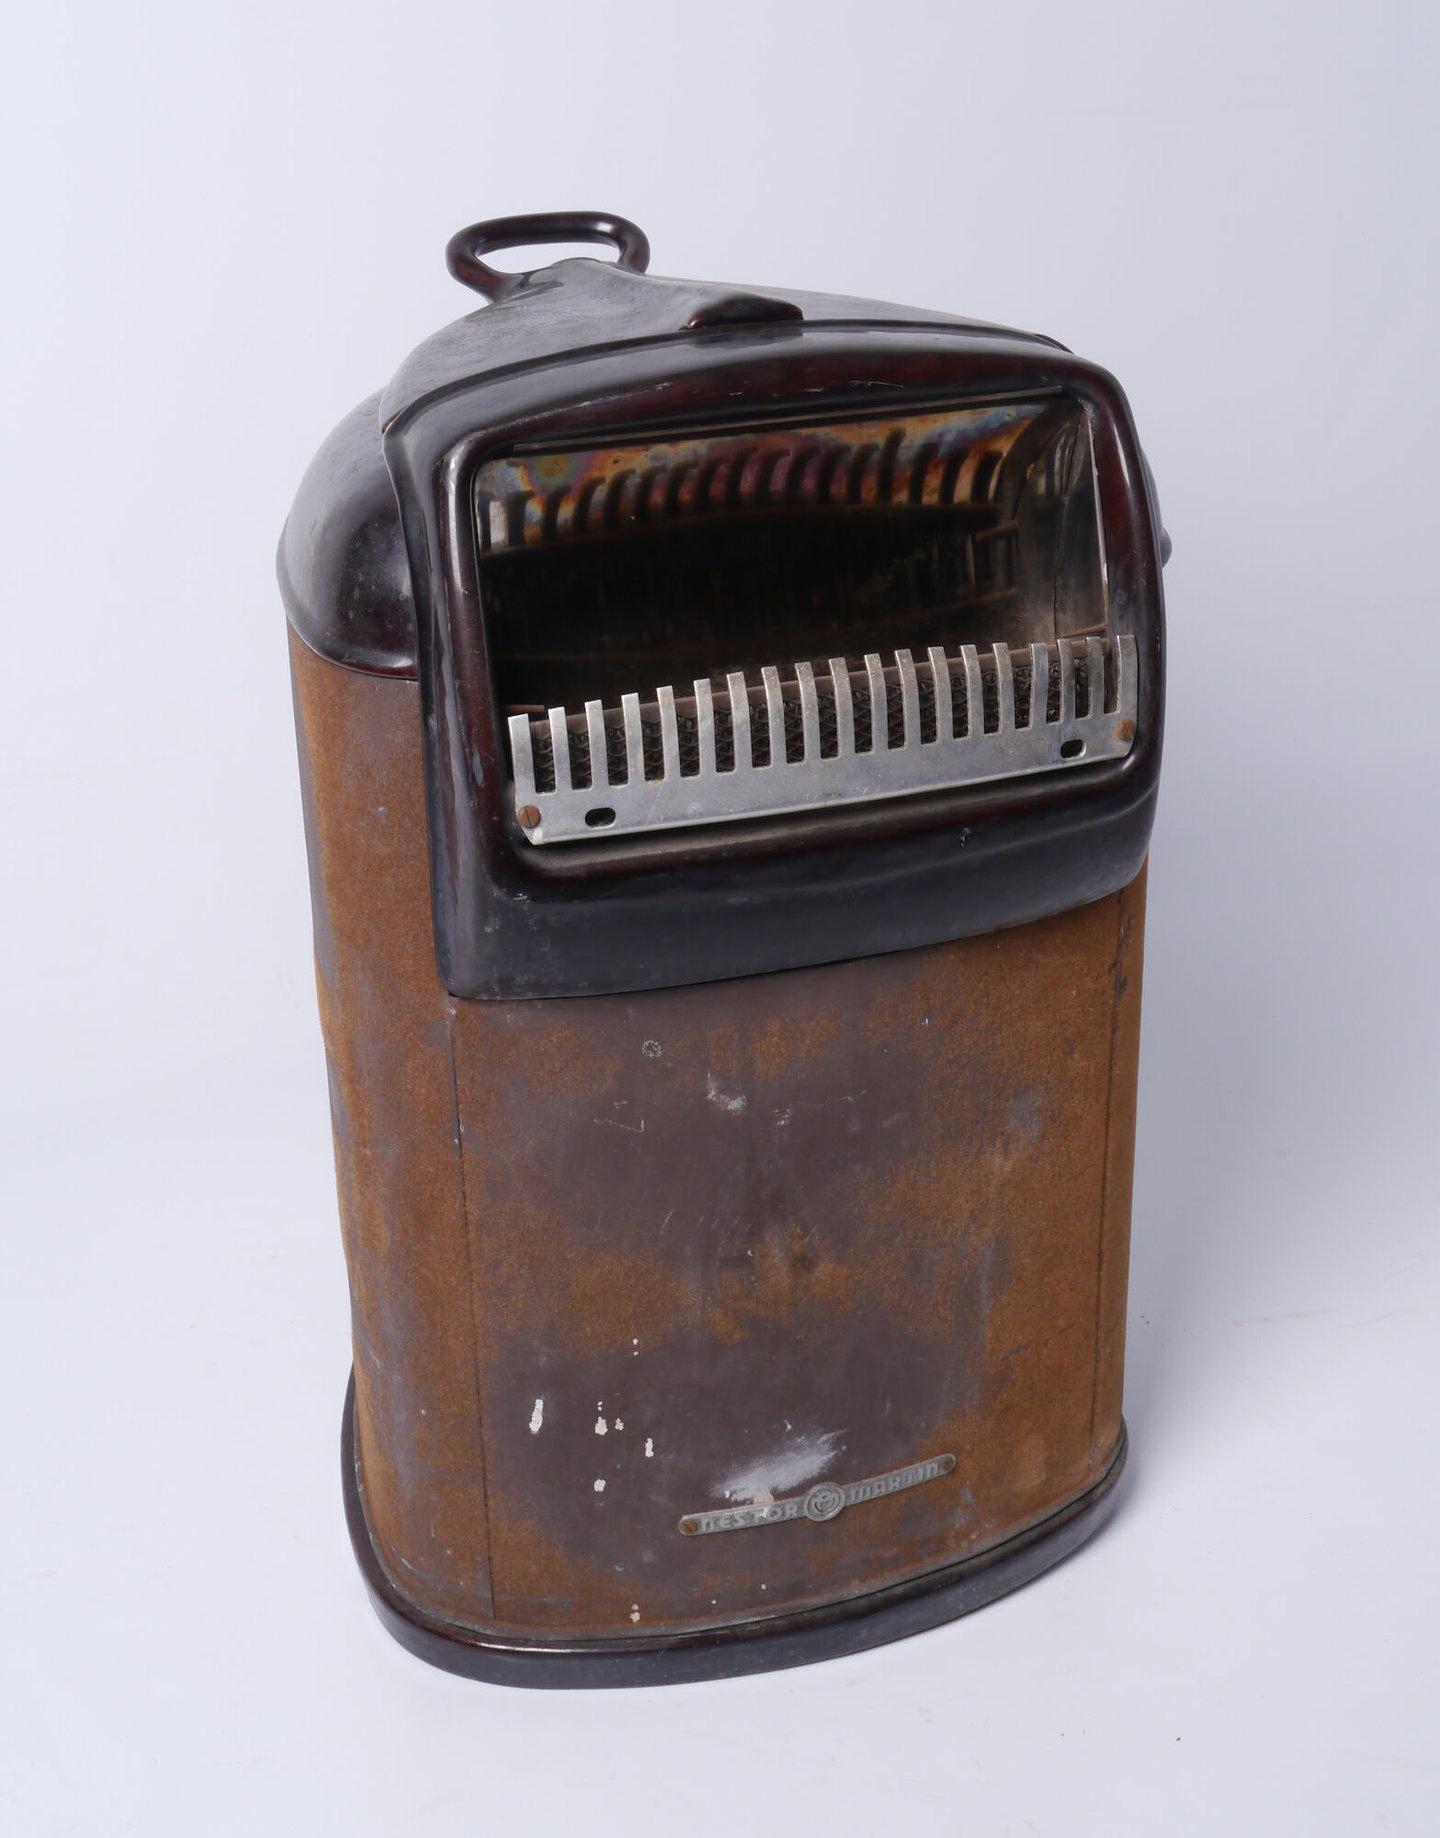 Gasbrander van het merk Nestor Martin